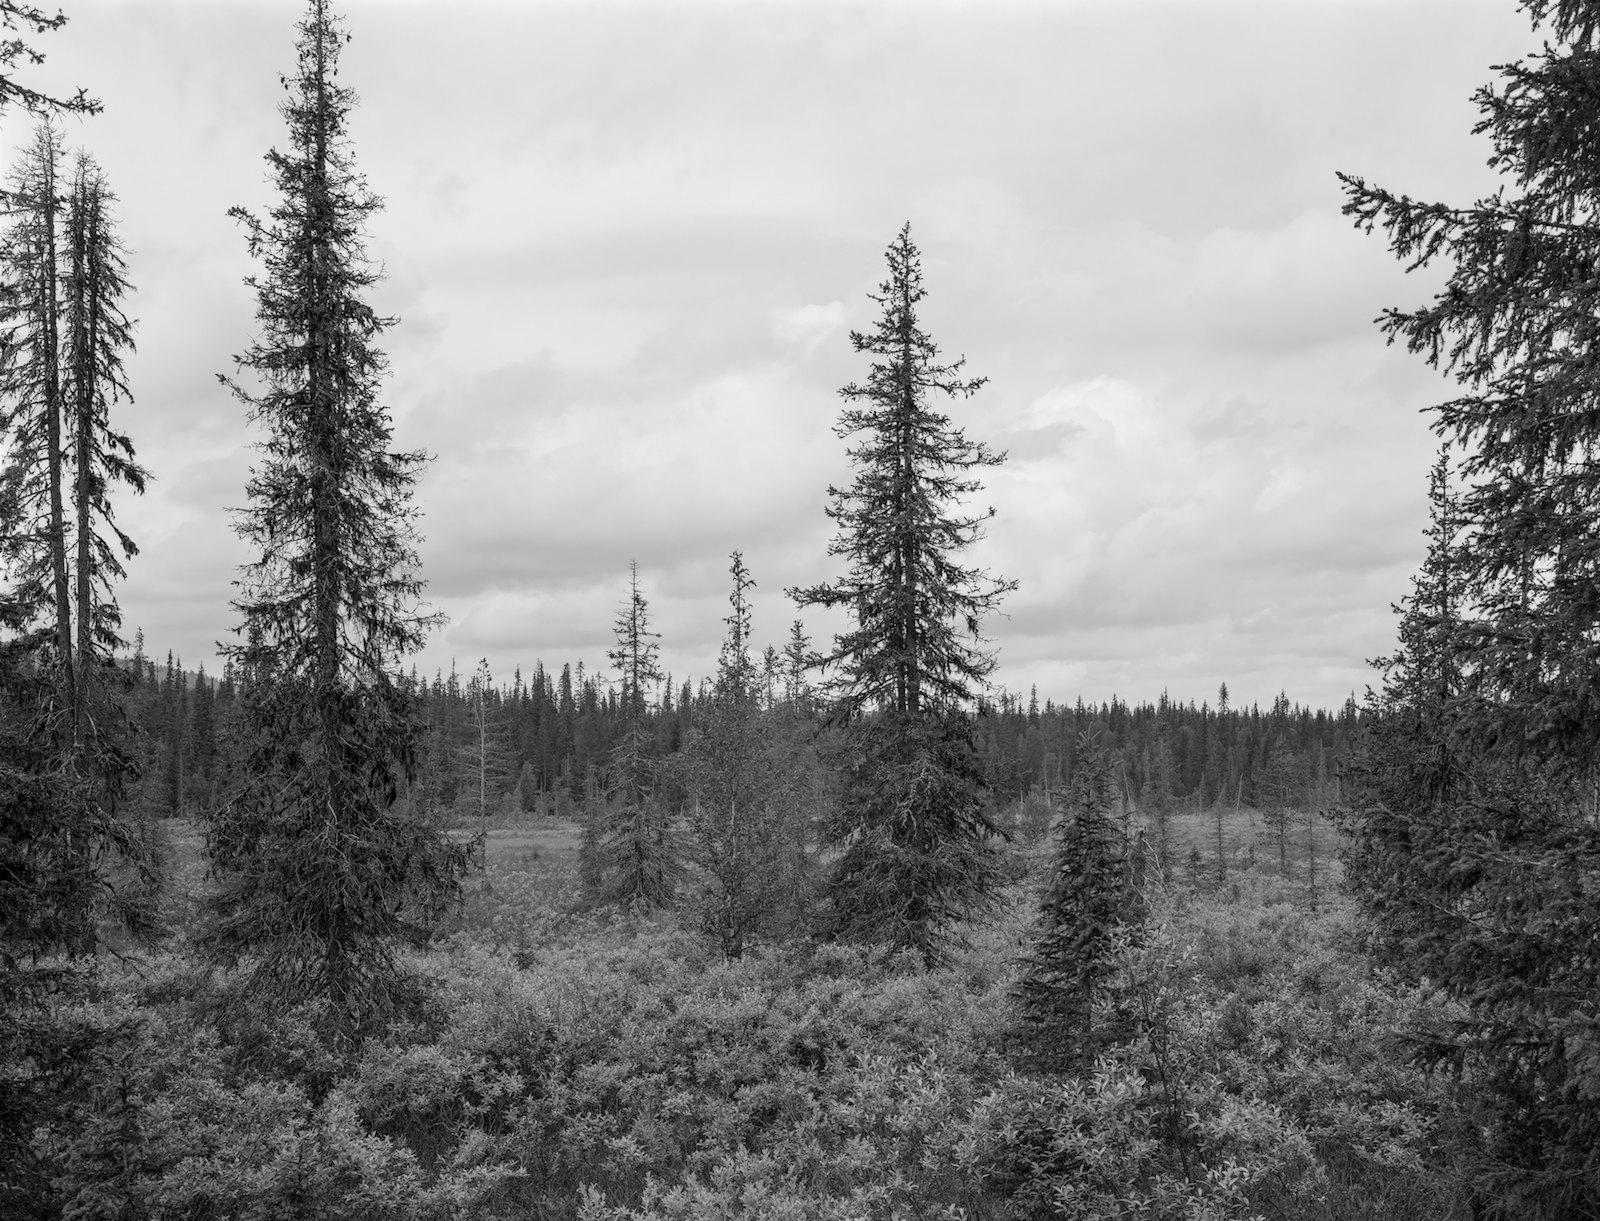 Metsä 94, Äkäskero, Muonio, Finland, 2013, ink-jet print on baryta paper, 74 x 97 cm